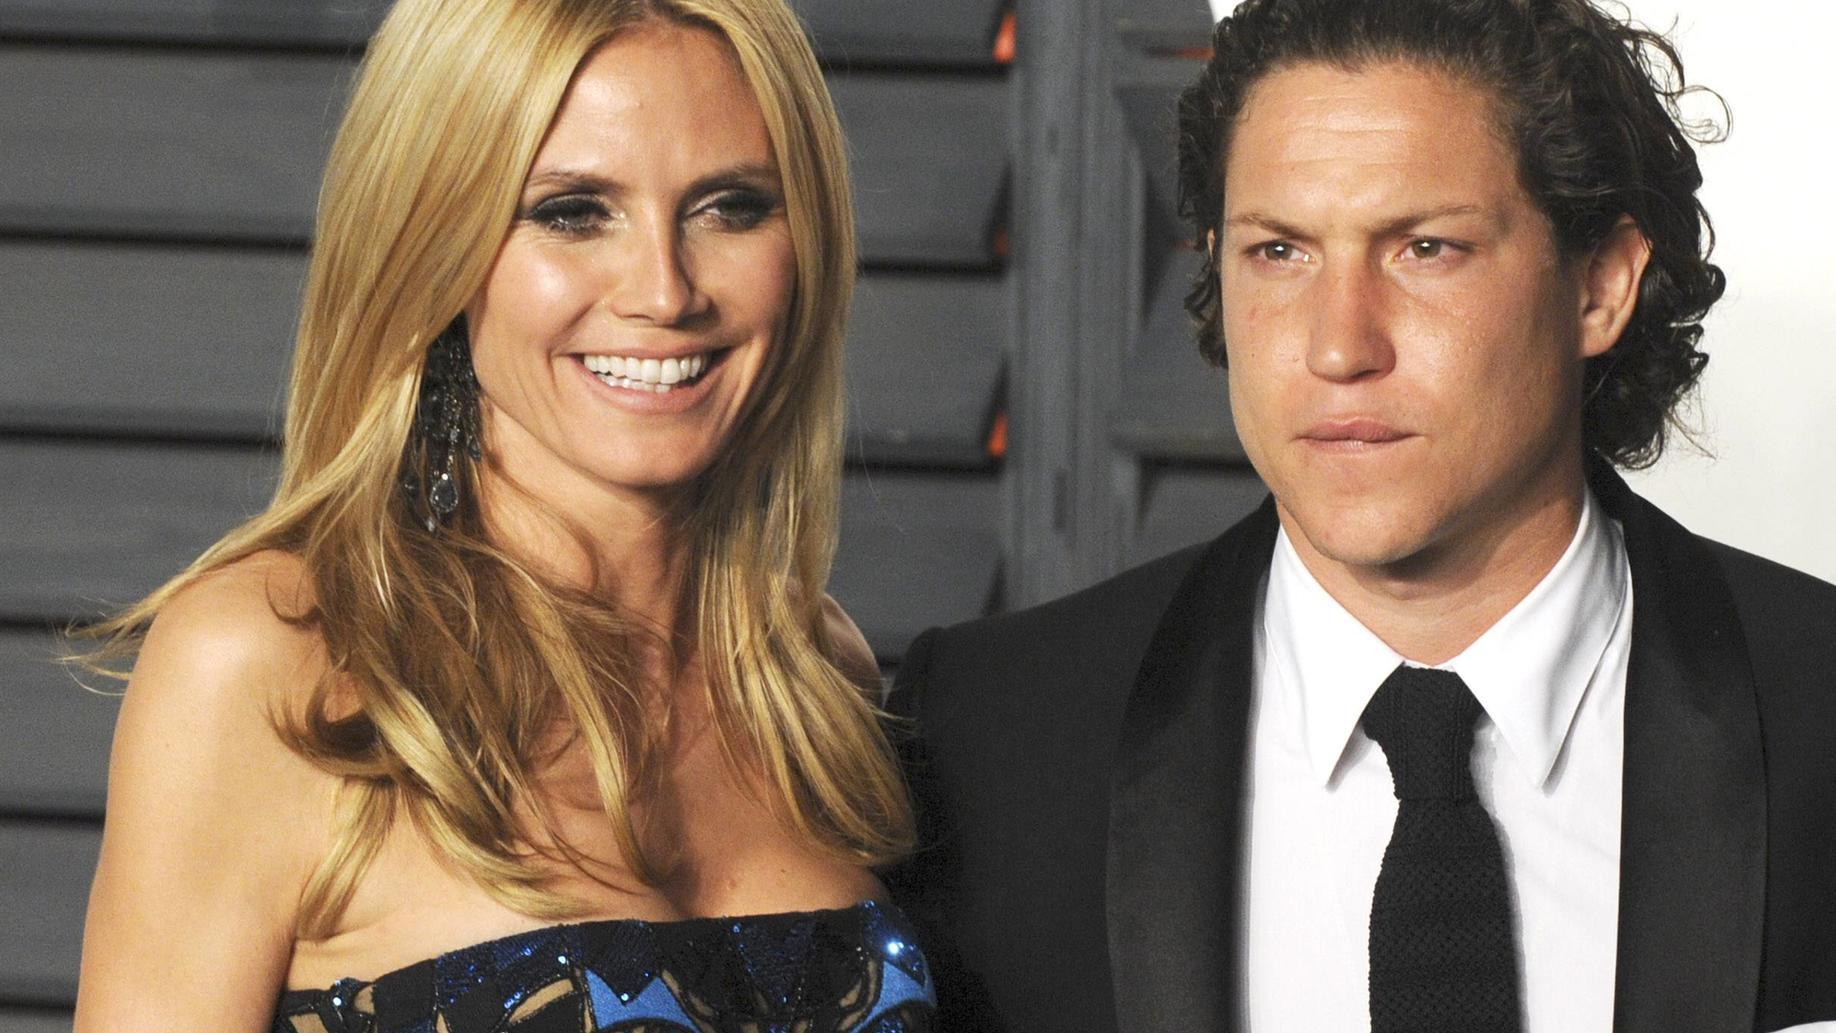 Lange nicht gesehen: So sieht Heidi Klums Ex-Freund Vito Schnabel heute aus - VIP.de, Star News